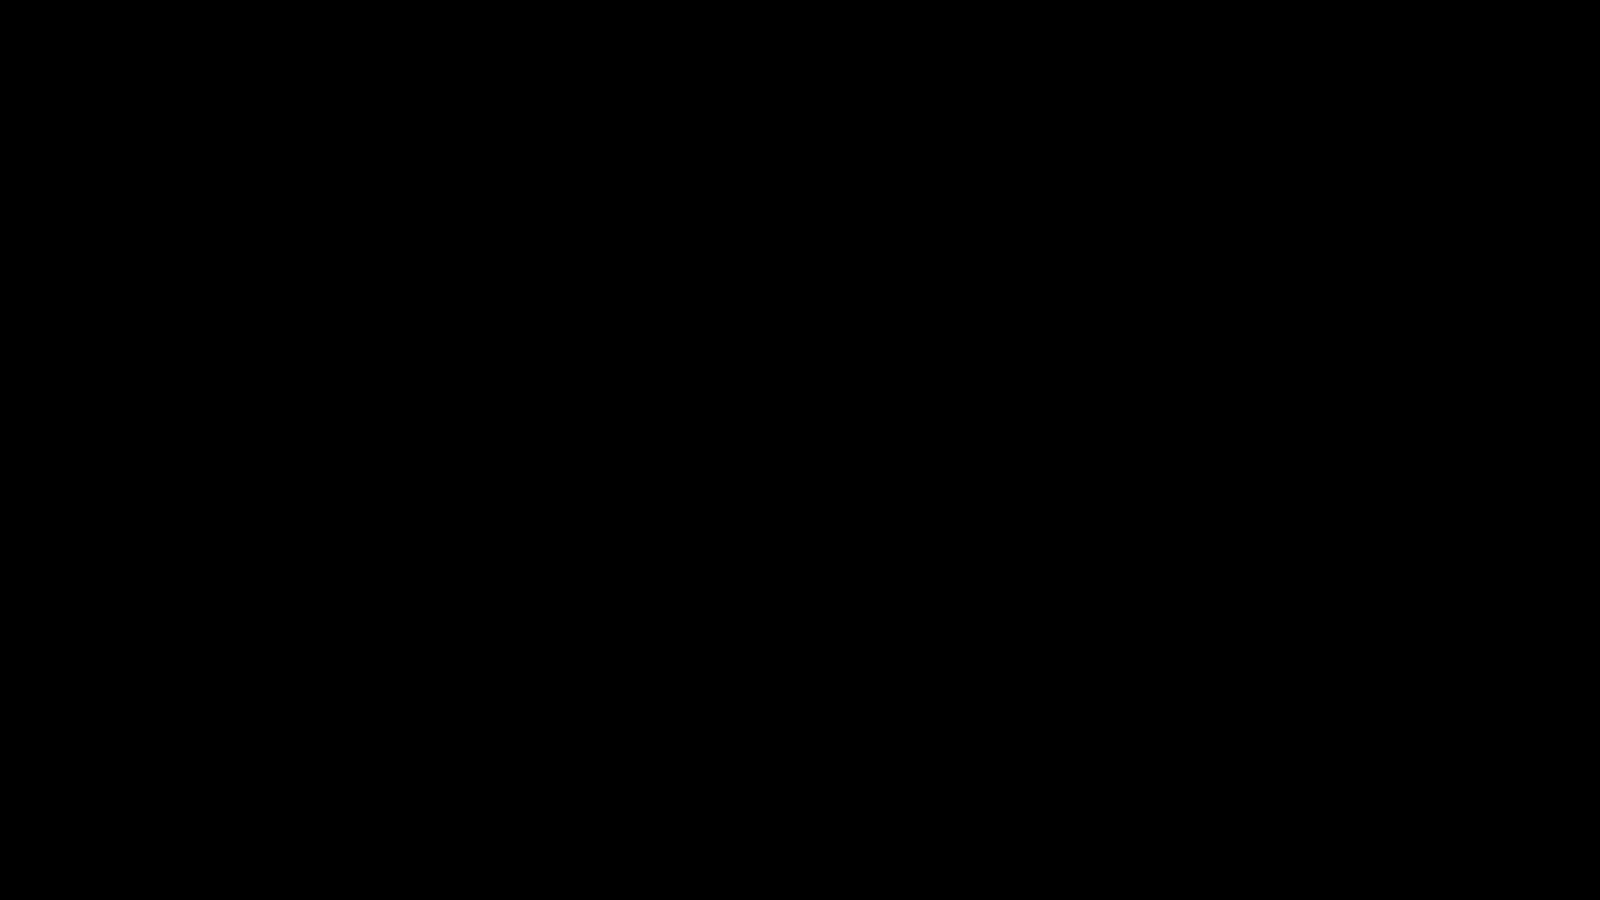 """דירת 3 חדרים בנס-ציונה מרכז מזרחי למכירהלמכירה דירה מהממת ומשופצת מהיסוד תוך מחשבה על הפרטים הקטנים ביותר.הדירה כוללת ריהוט שתוכנן בהתאמה אישית, מטבח חדש ברמה גבוה, דלתות טריקה שקטה, שיש קיסר, ארון שירות נוח ופרקטי הכולל מקום להטענת שואב דייסון, יחידת הורים הכוללת ארון קיר ענק וחדש.הדירה כ-95 מ""""ר בבניון בן 2 קומות, הדירה פונה לכיוון דרום מערב. בדירה 2 שירותים ומקלחות שאחת מהן ממוקמת ביחידת ההורים הגדולה.לתיאום סיור, חייגו עכשיו 054-3013450לפרטים המלאים, כנסו לדף הנכס באתר הבית שלנו בקישור: https://trway.co/y112"""